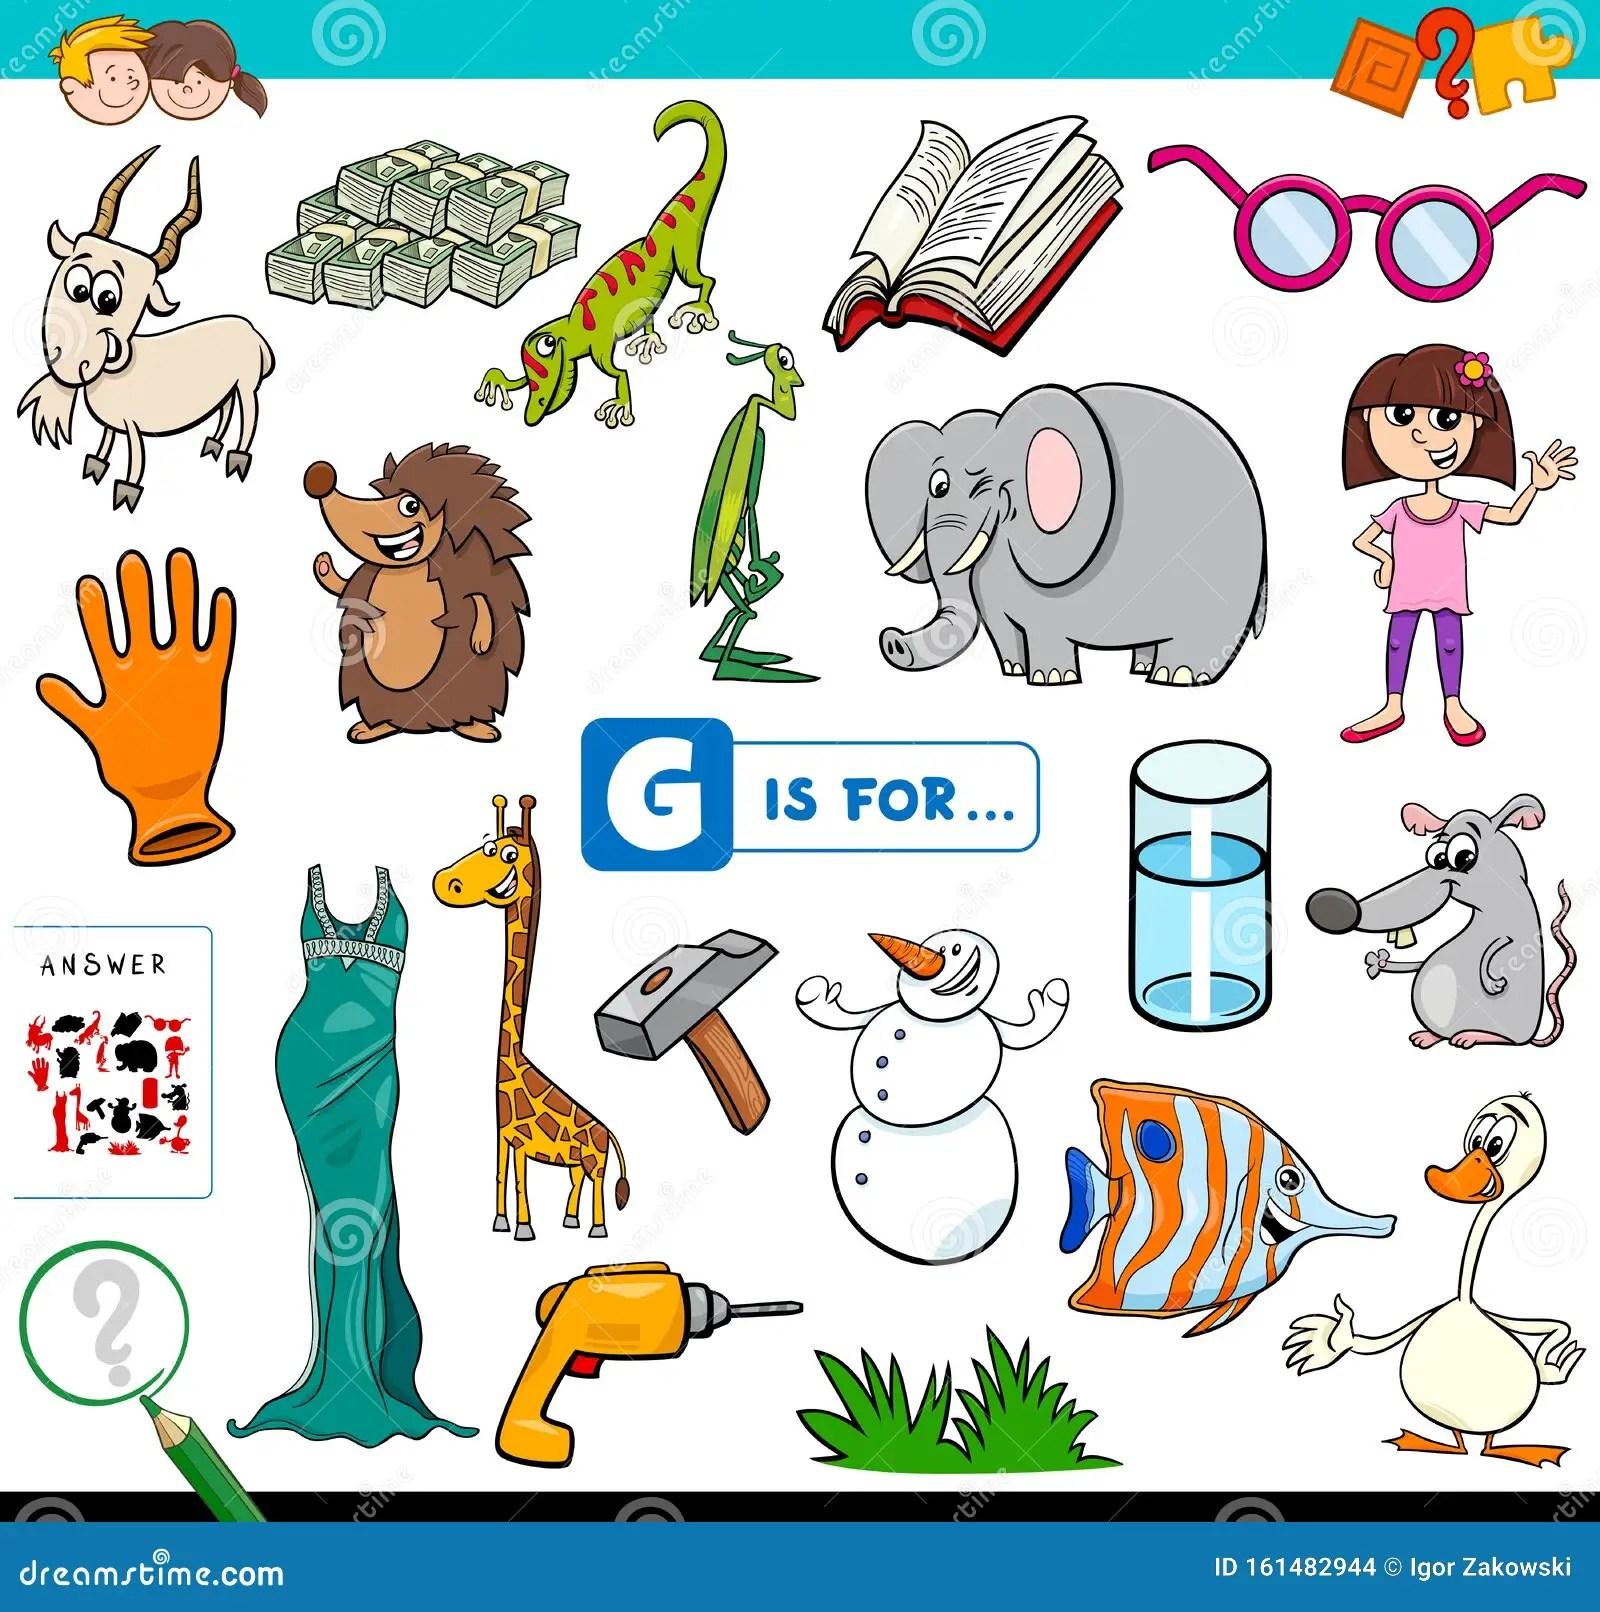 G Is For Words Educational Task For Children Stock Vector